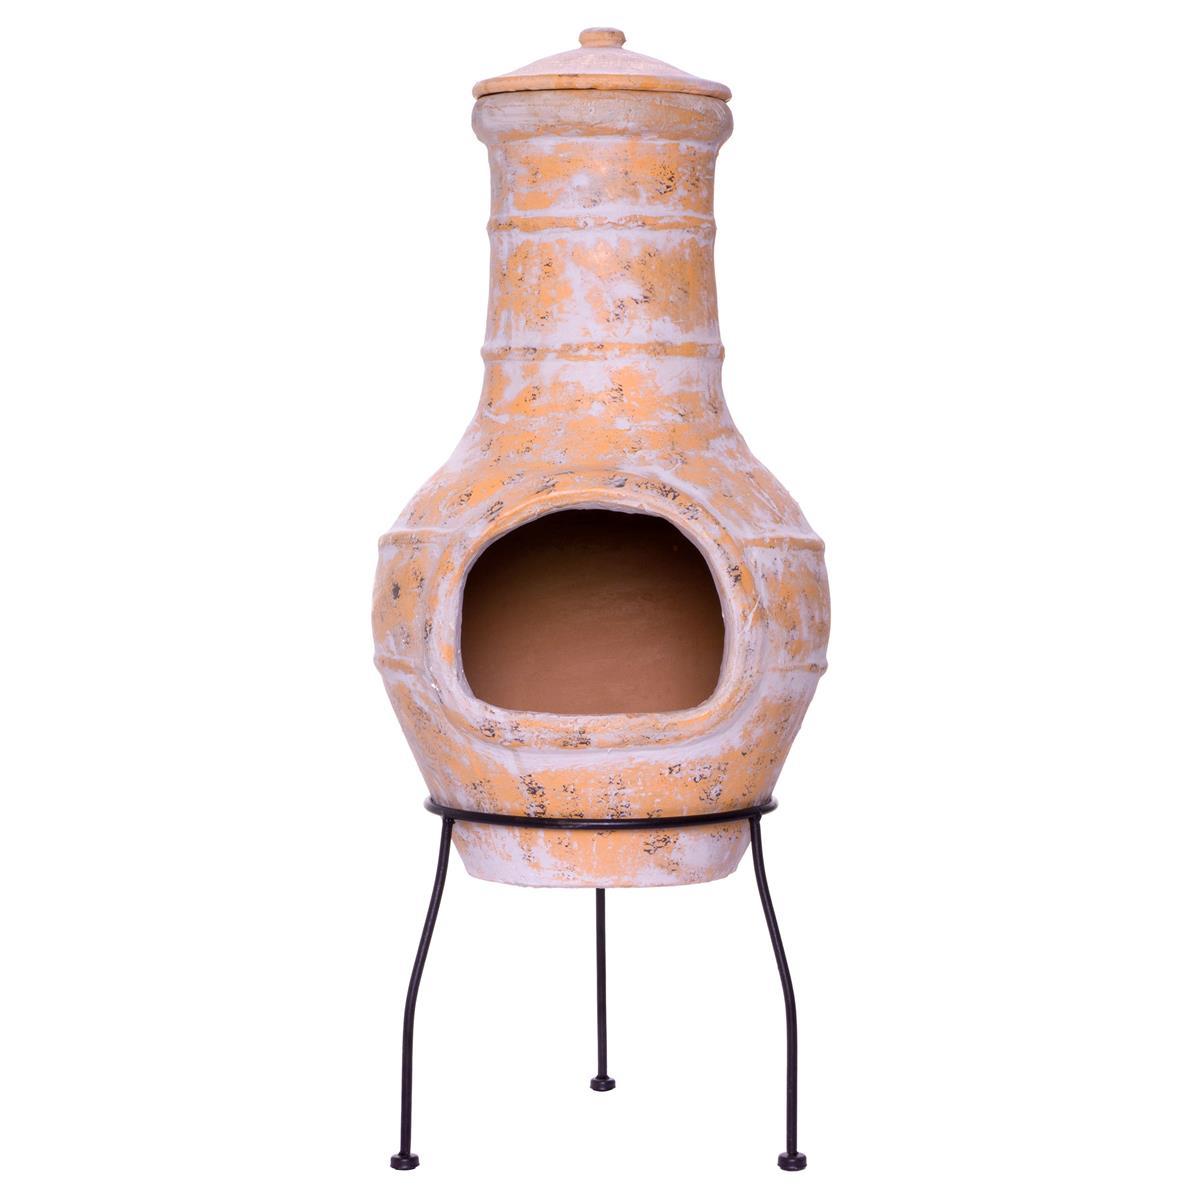 Terrassenofen 85 cm Feueröffnung 20x15 cm 19 kg  Terracotta Gartenkamin